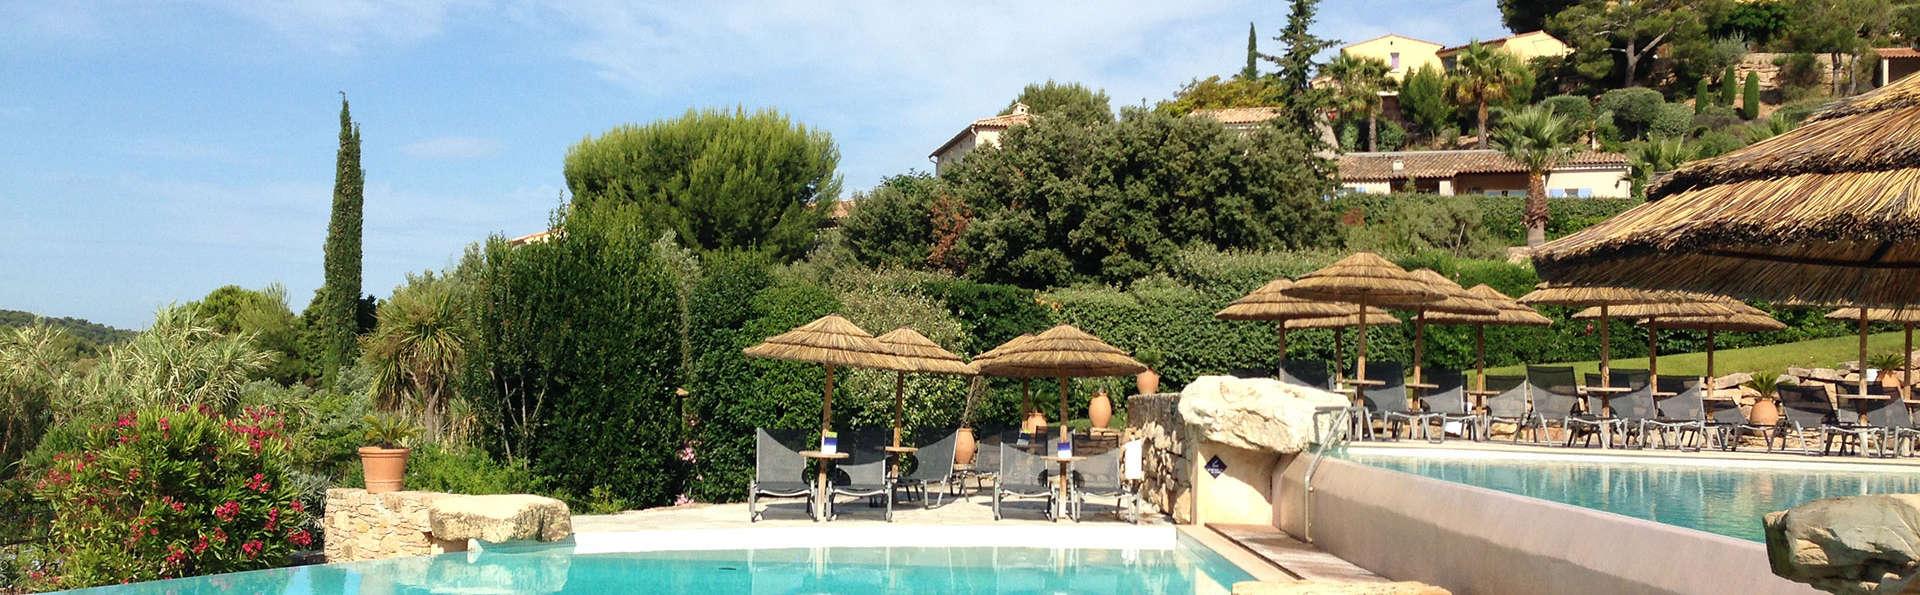 Dolce Frégate Provence - EDIT_pool12.jpg